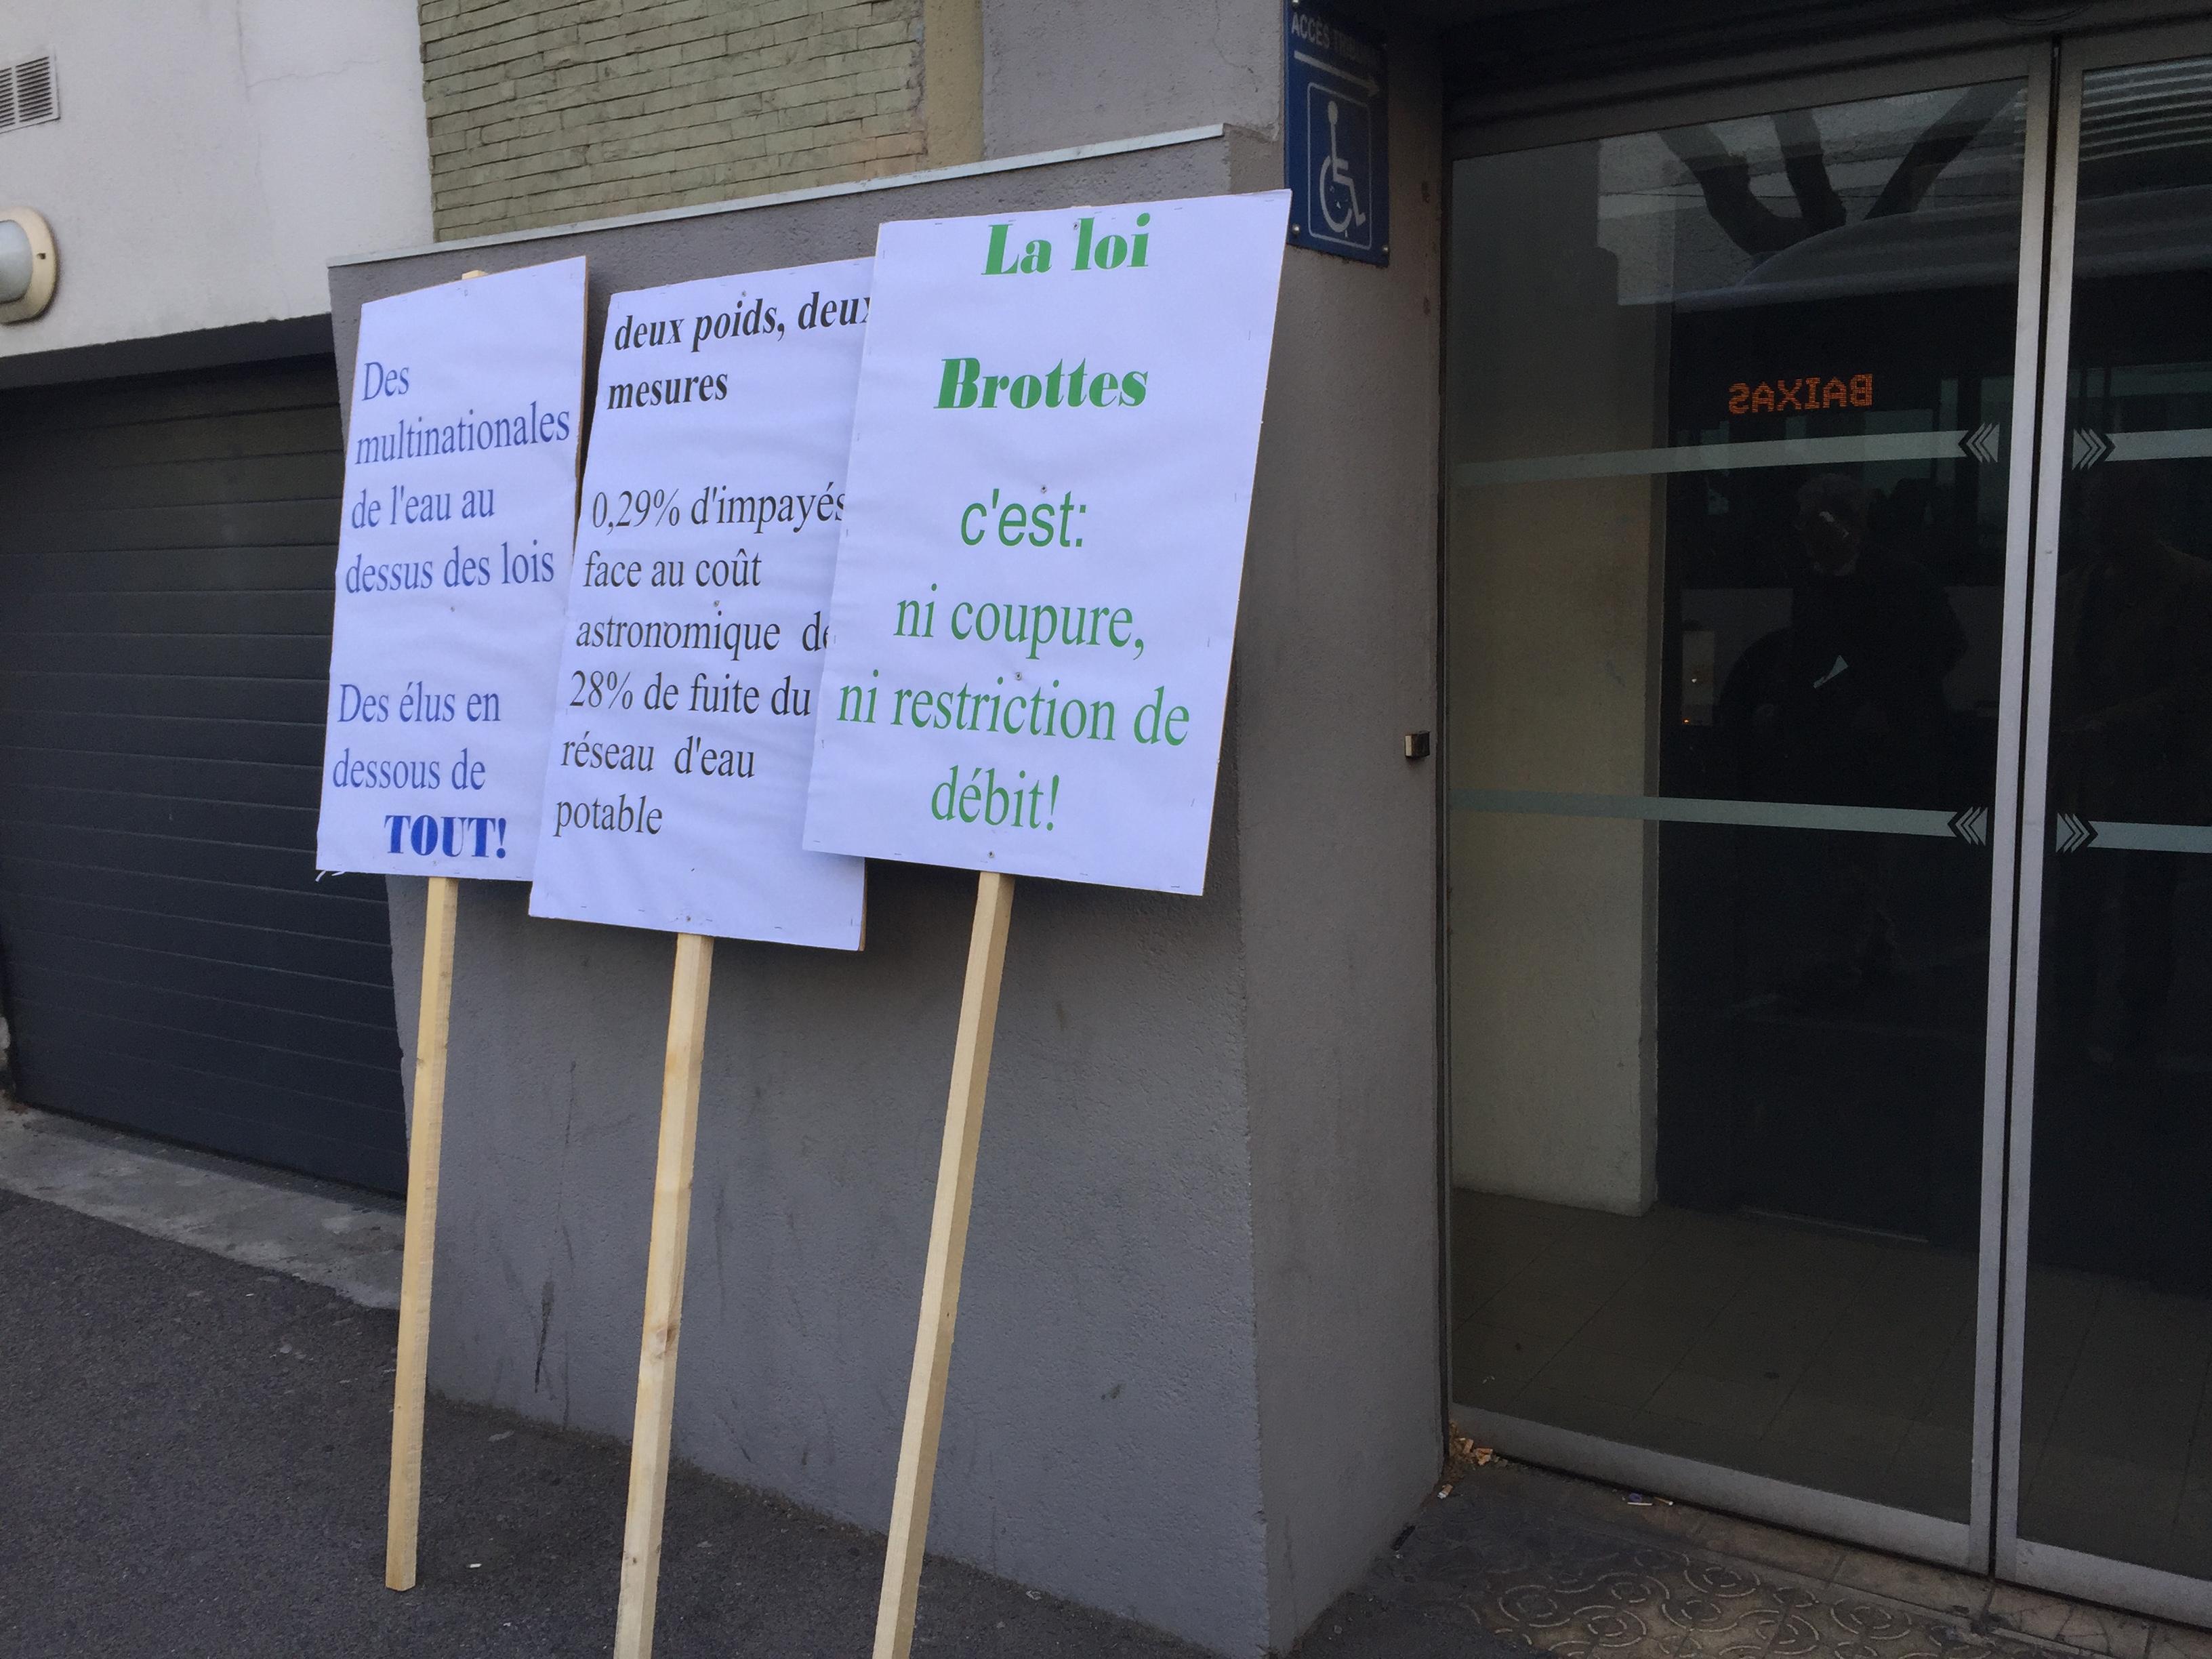 Deux jours de campagne dans la 4e circonscription pour jl for La cir perpignan